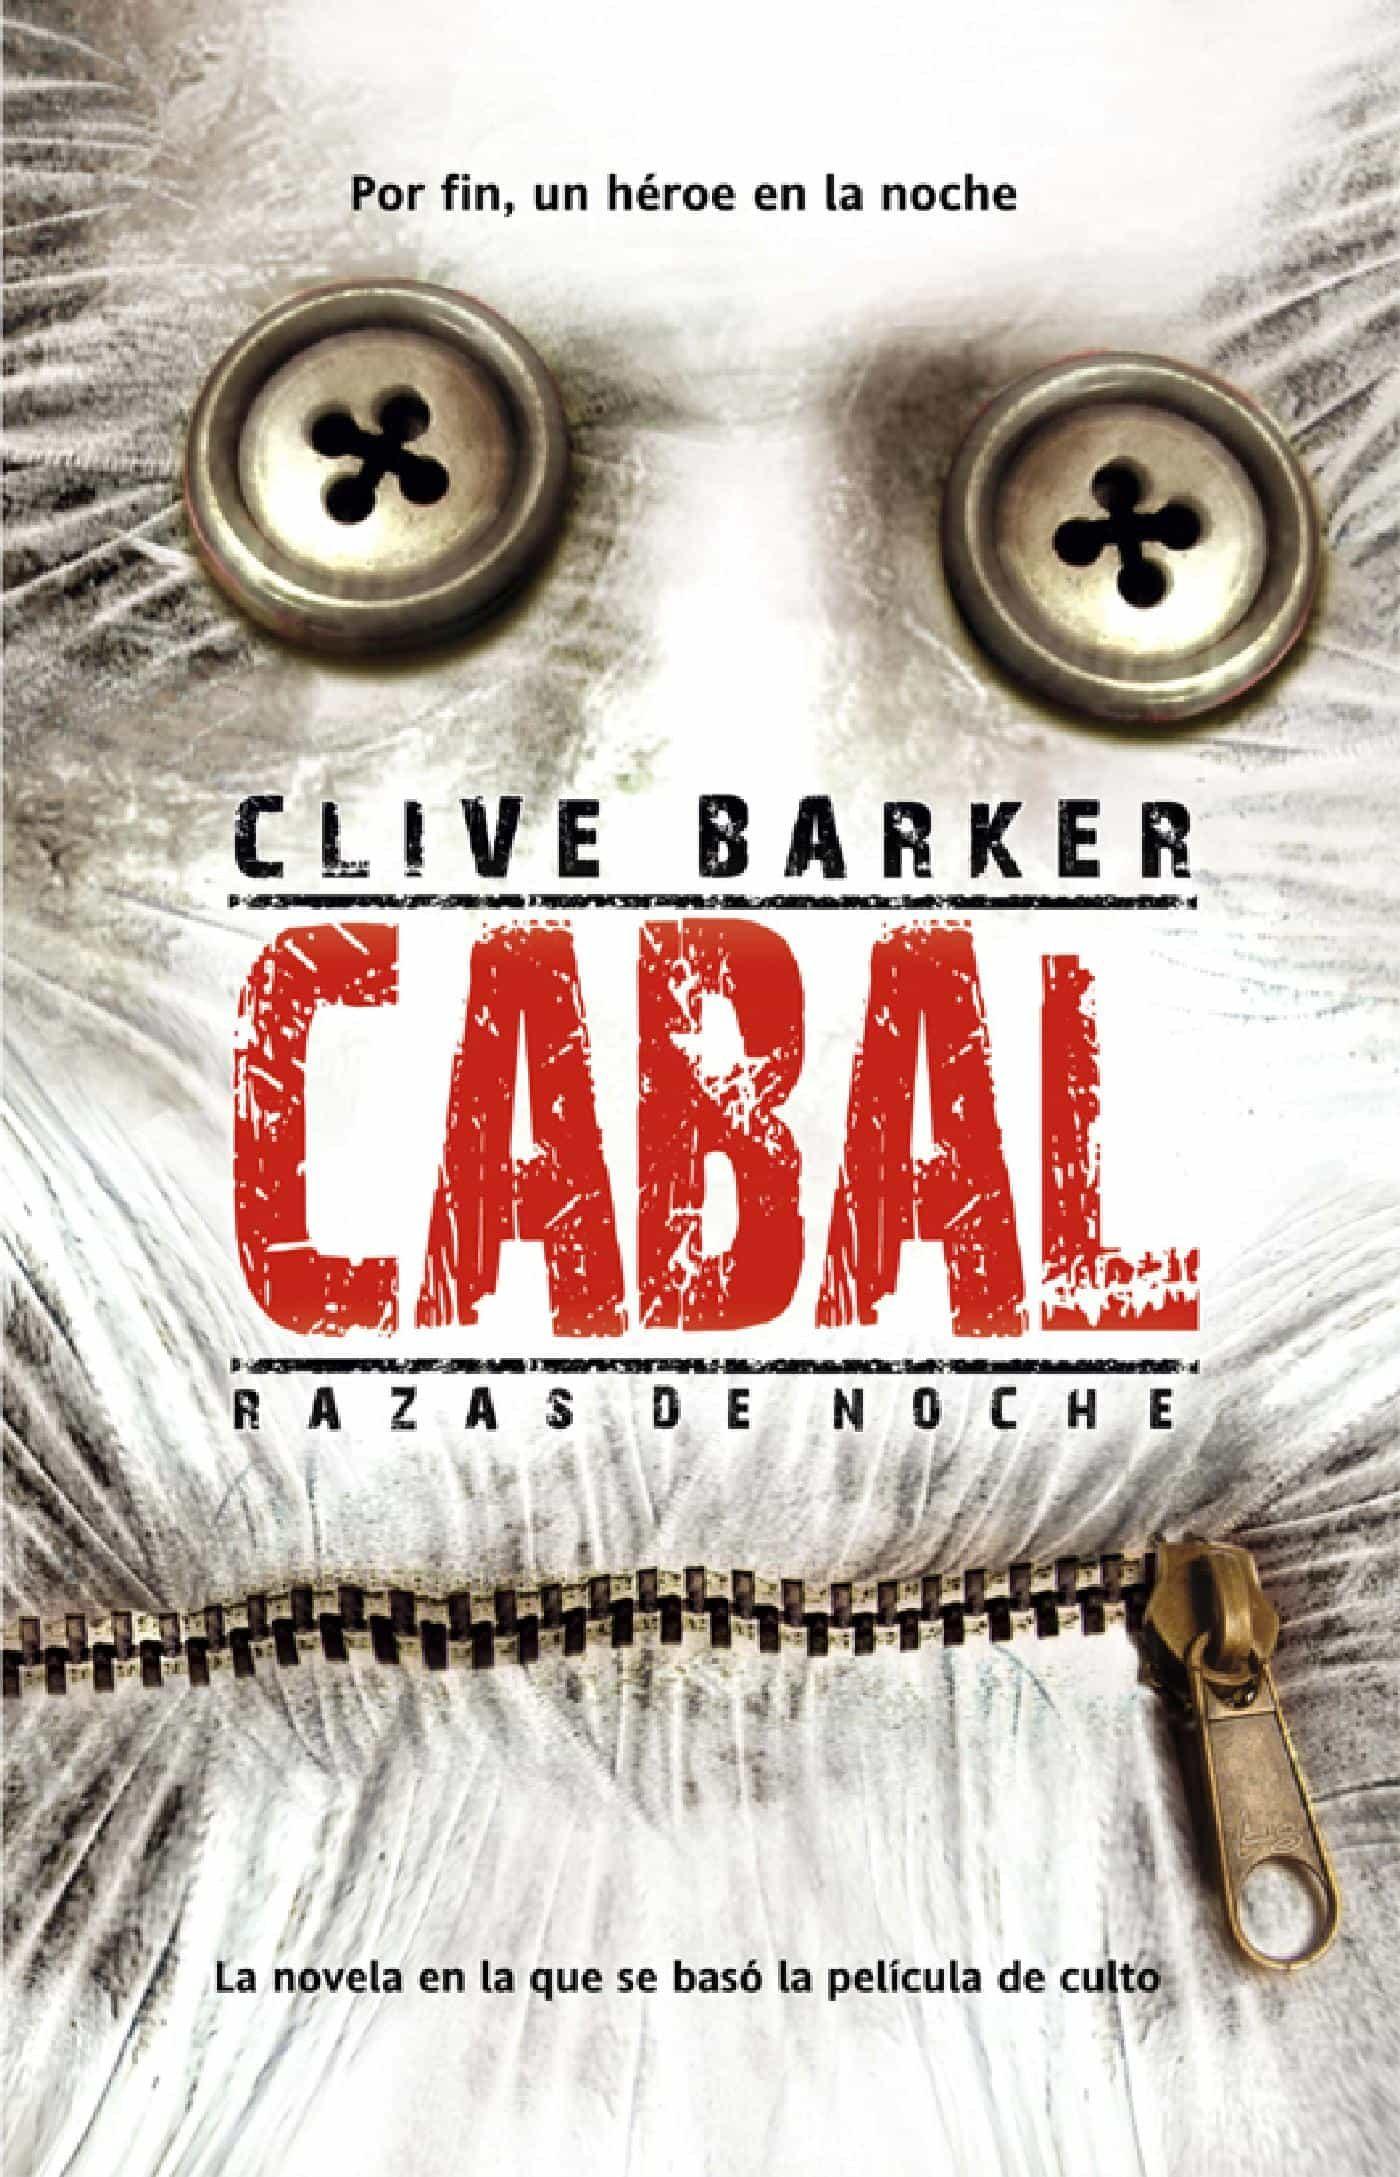 Cabal ebook clive barker 9788490184202